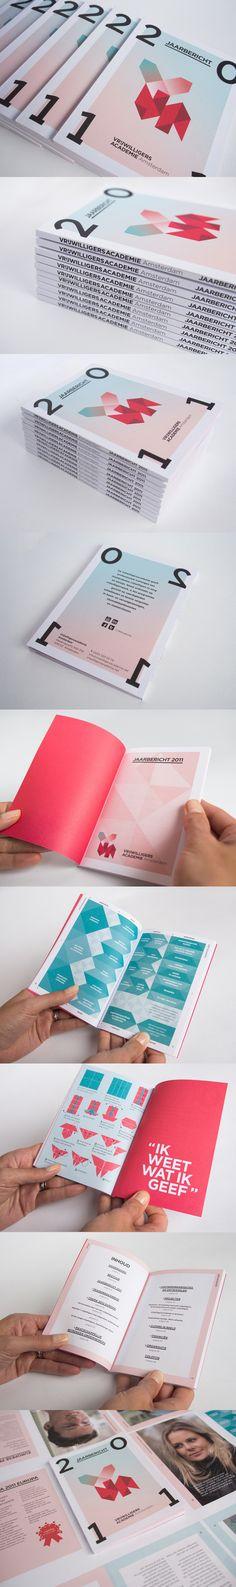 vrijwilligersacademie amsterdam 2011 annual report: by da costa design